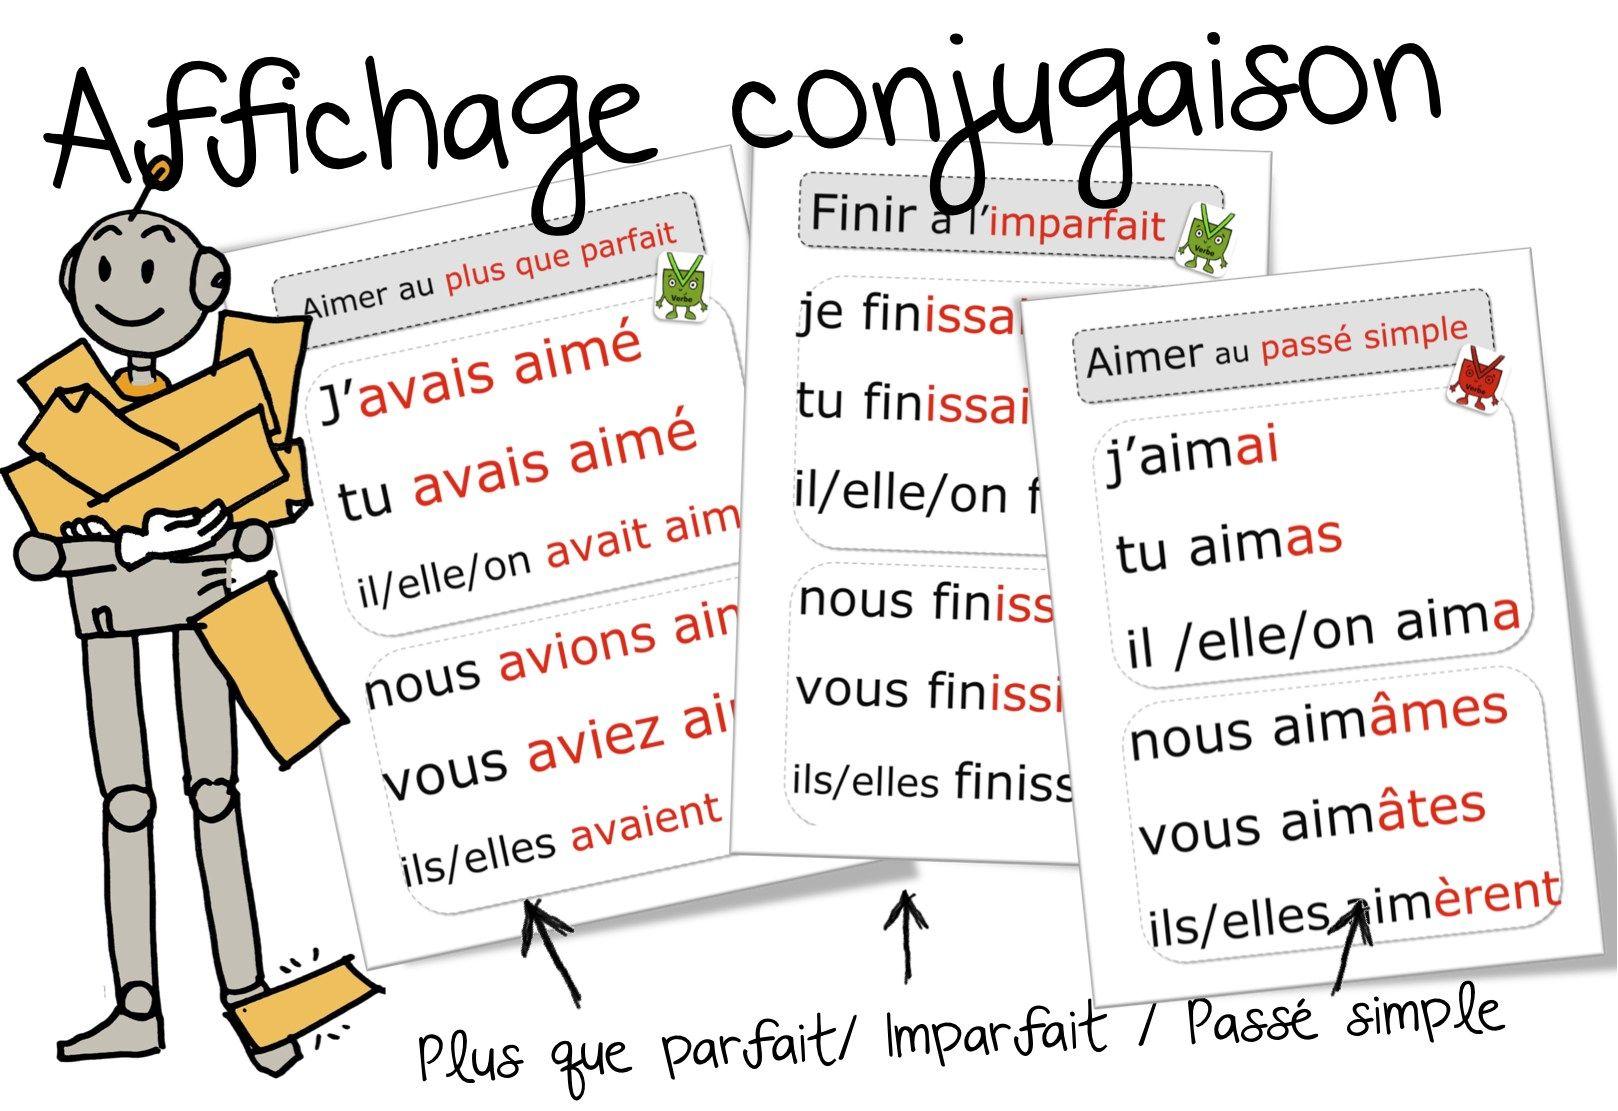 Les Affichages Conjugaison Pour Le Cycle 3 Passe Simple Imparfait Plus Que Parfait Voici Toutes Les Affiches Conjugaison P Conjugaison Cm2 Conjugaison Ce2 Ce1